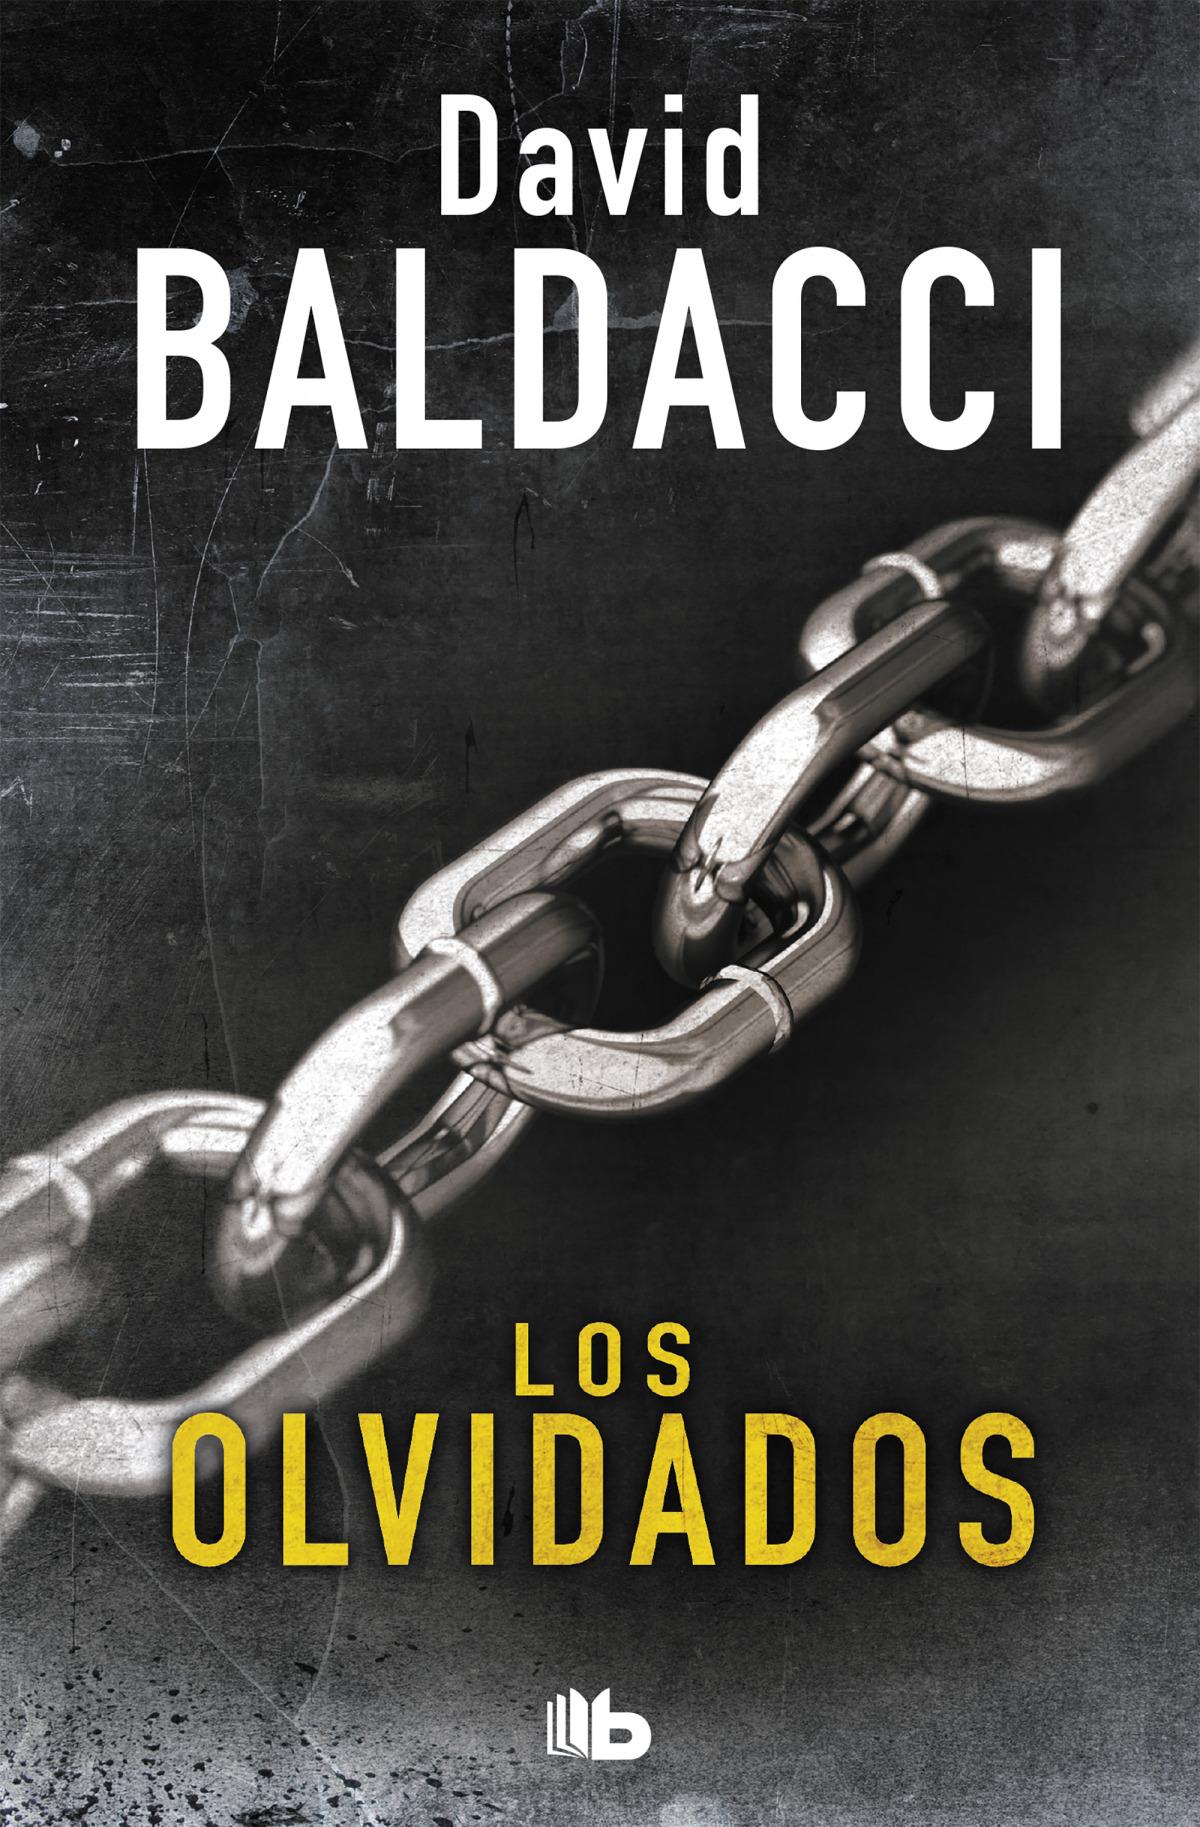 LOS OLVIDADOS 9788490706732